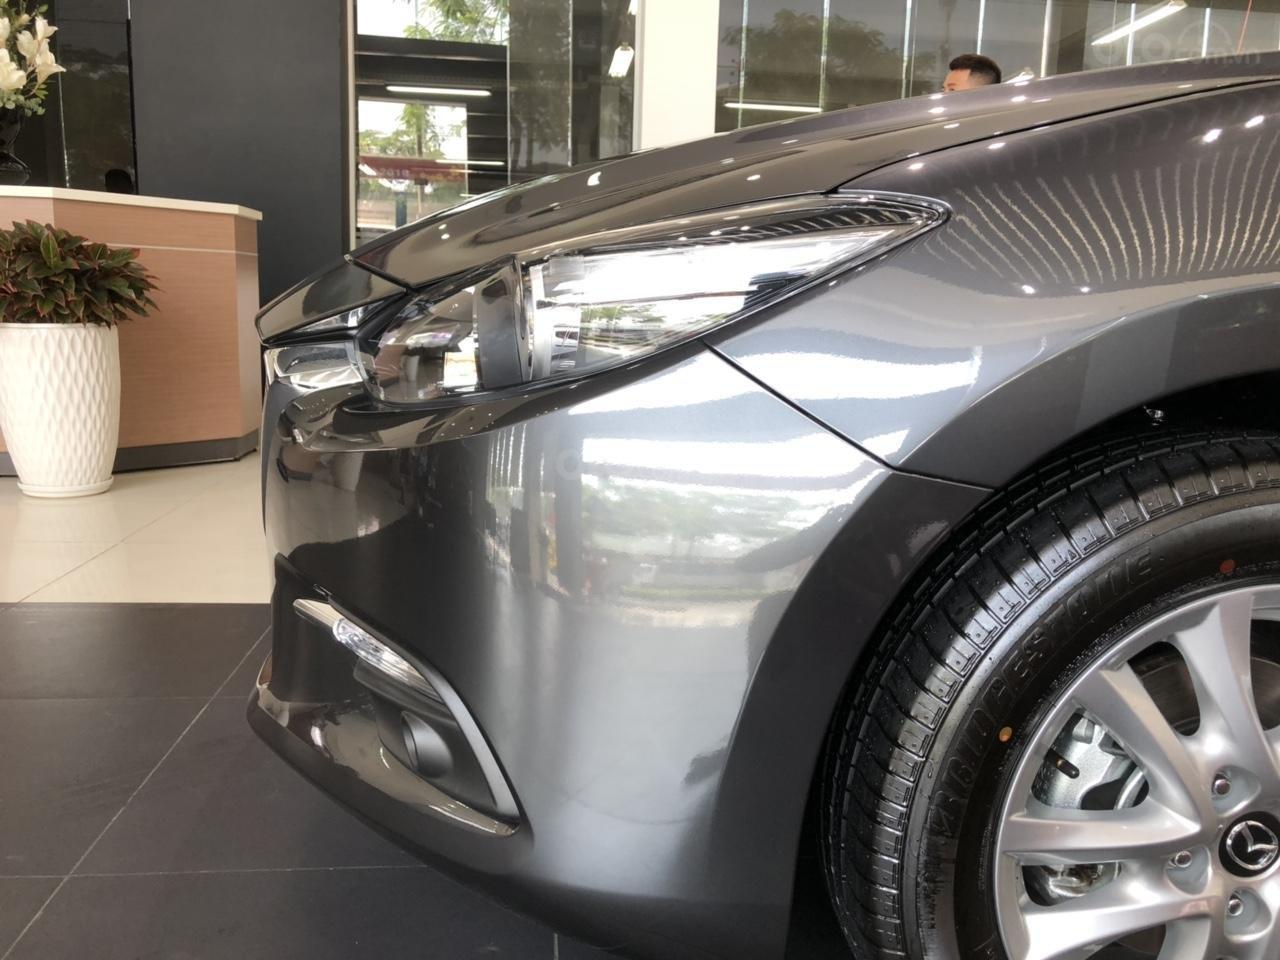 Bán Mazda 3 tại CN Bình Triệu - Khai trương ưu đãi khủng, ưu đãi shock khi mua xe (7)